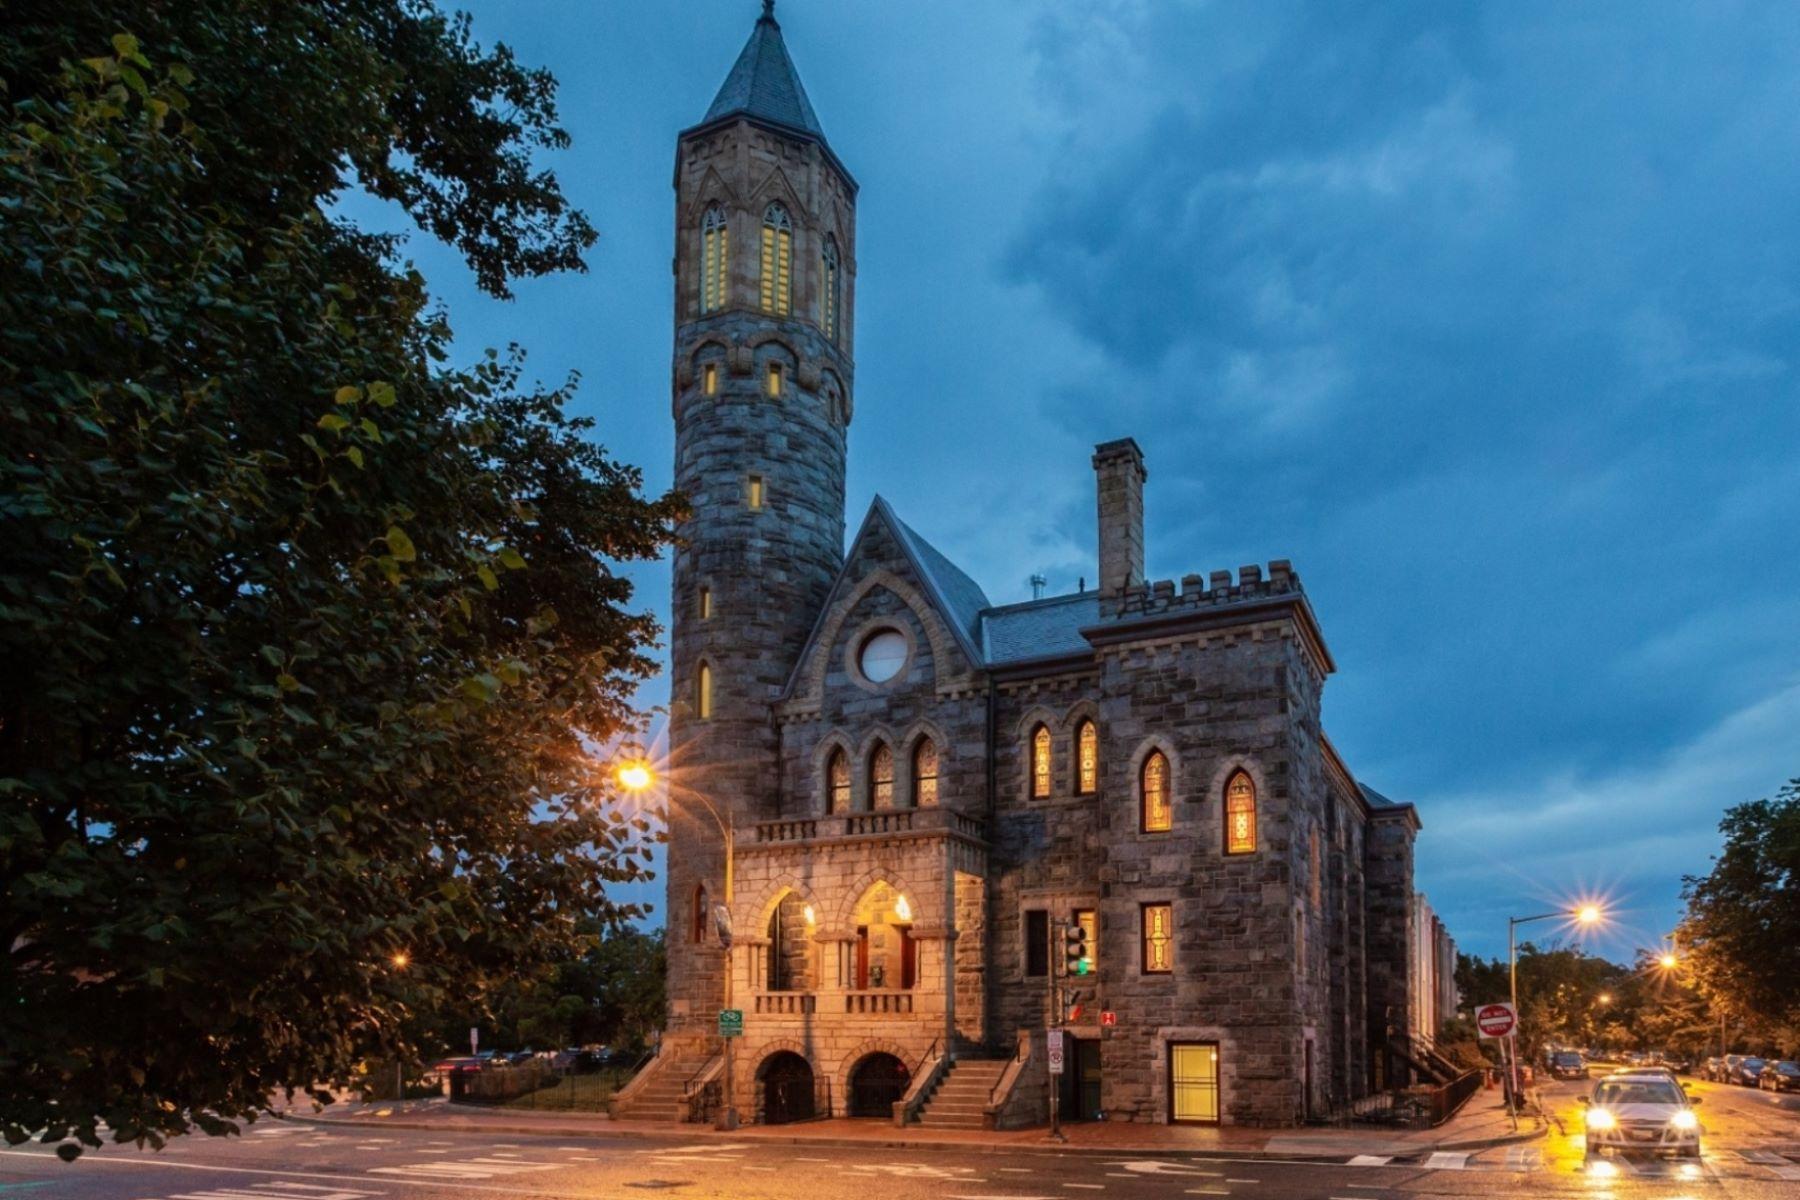 Condominium for Sale at 609 Maryland Ave NE #5 609 Maryland Ave NE #5 Washington, District Of Columbia 20002 United States